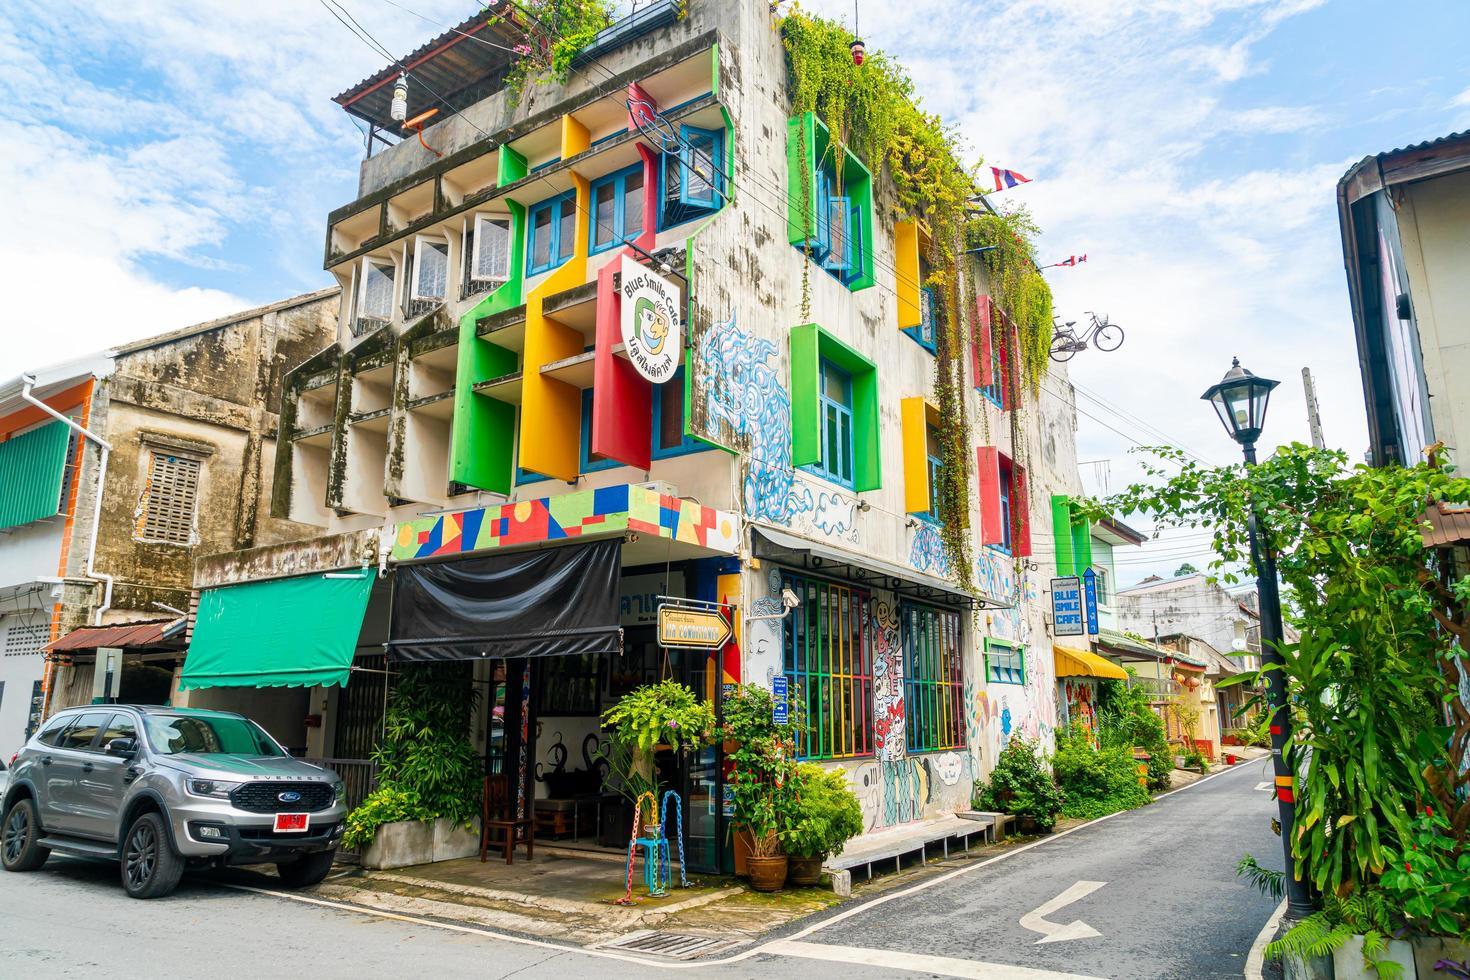 songkhla, thaïlande - 2020 nov 15 - bâtiment coloré et magnifique vieille ville et paysage à songkhla, thaïlande le 15 novembre 2020. photo